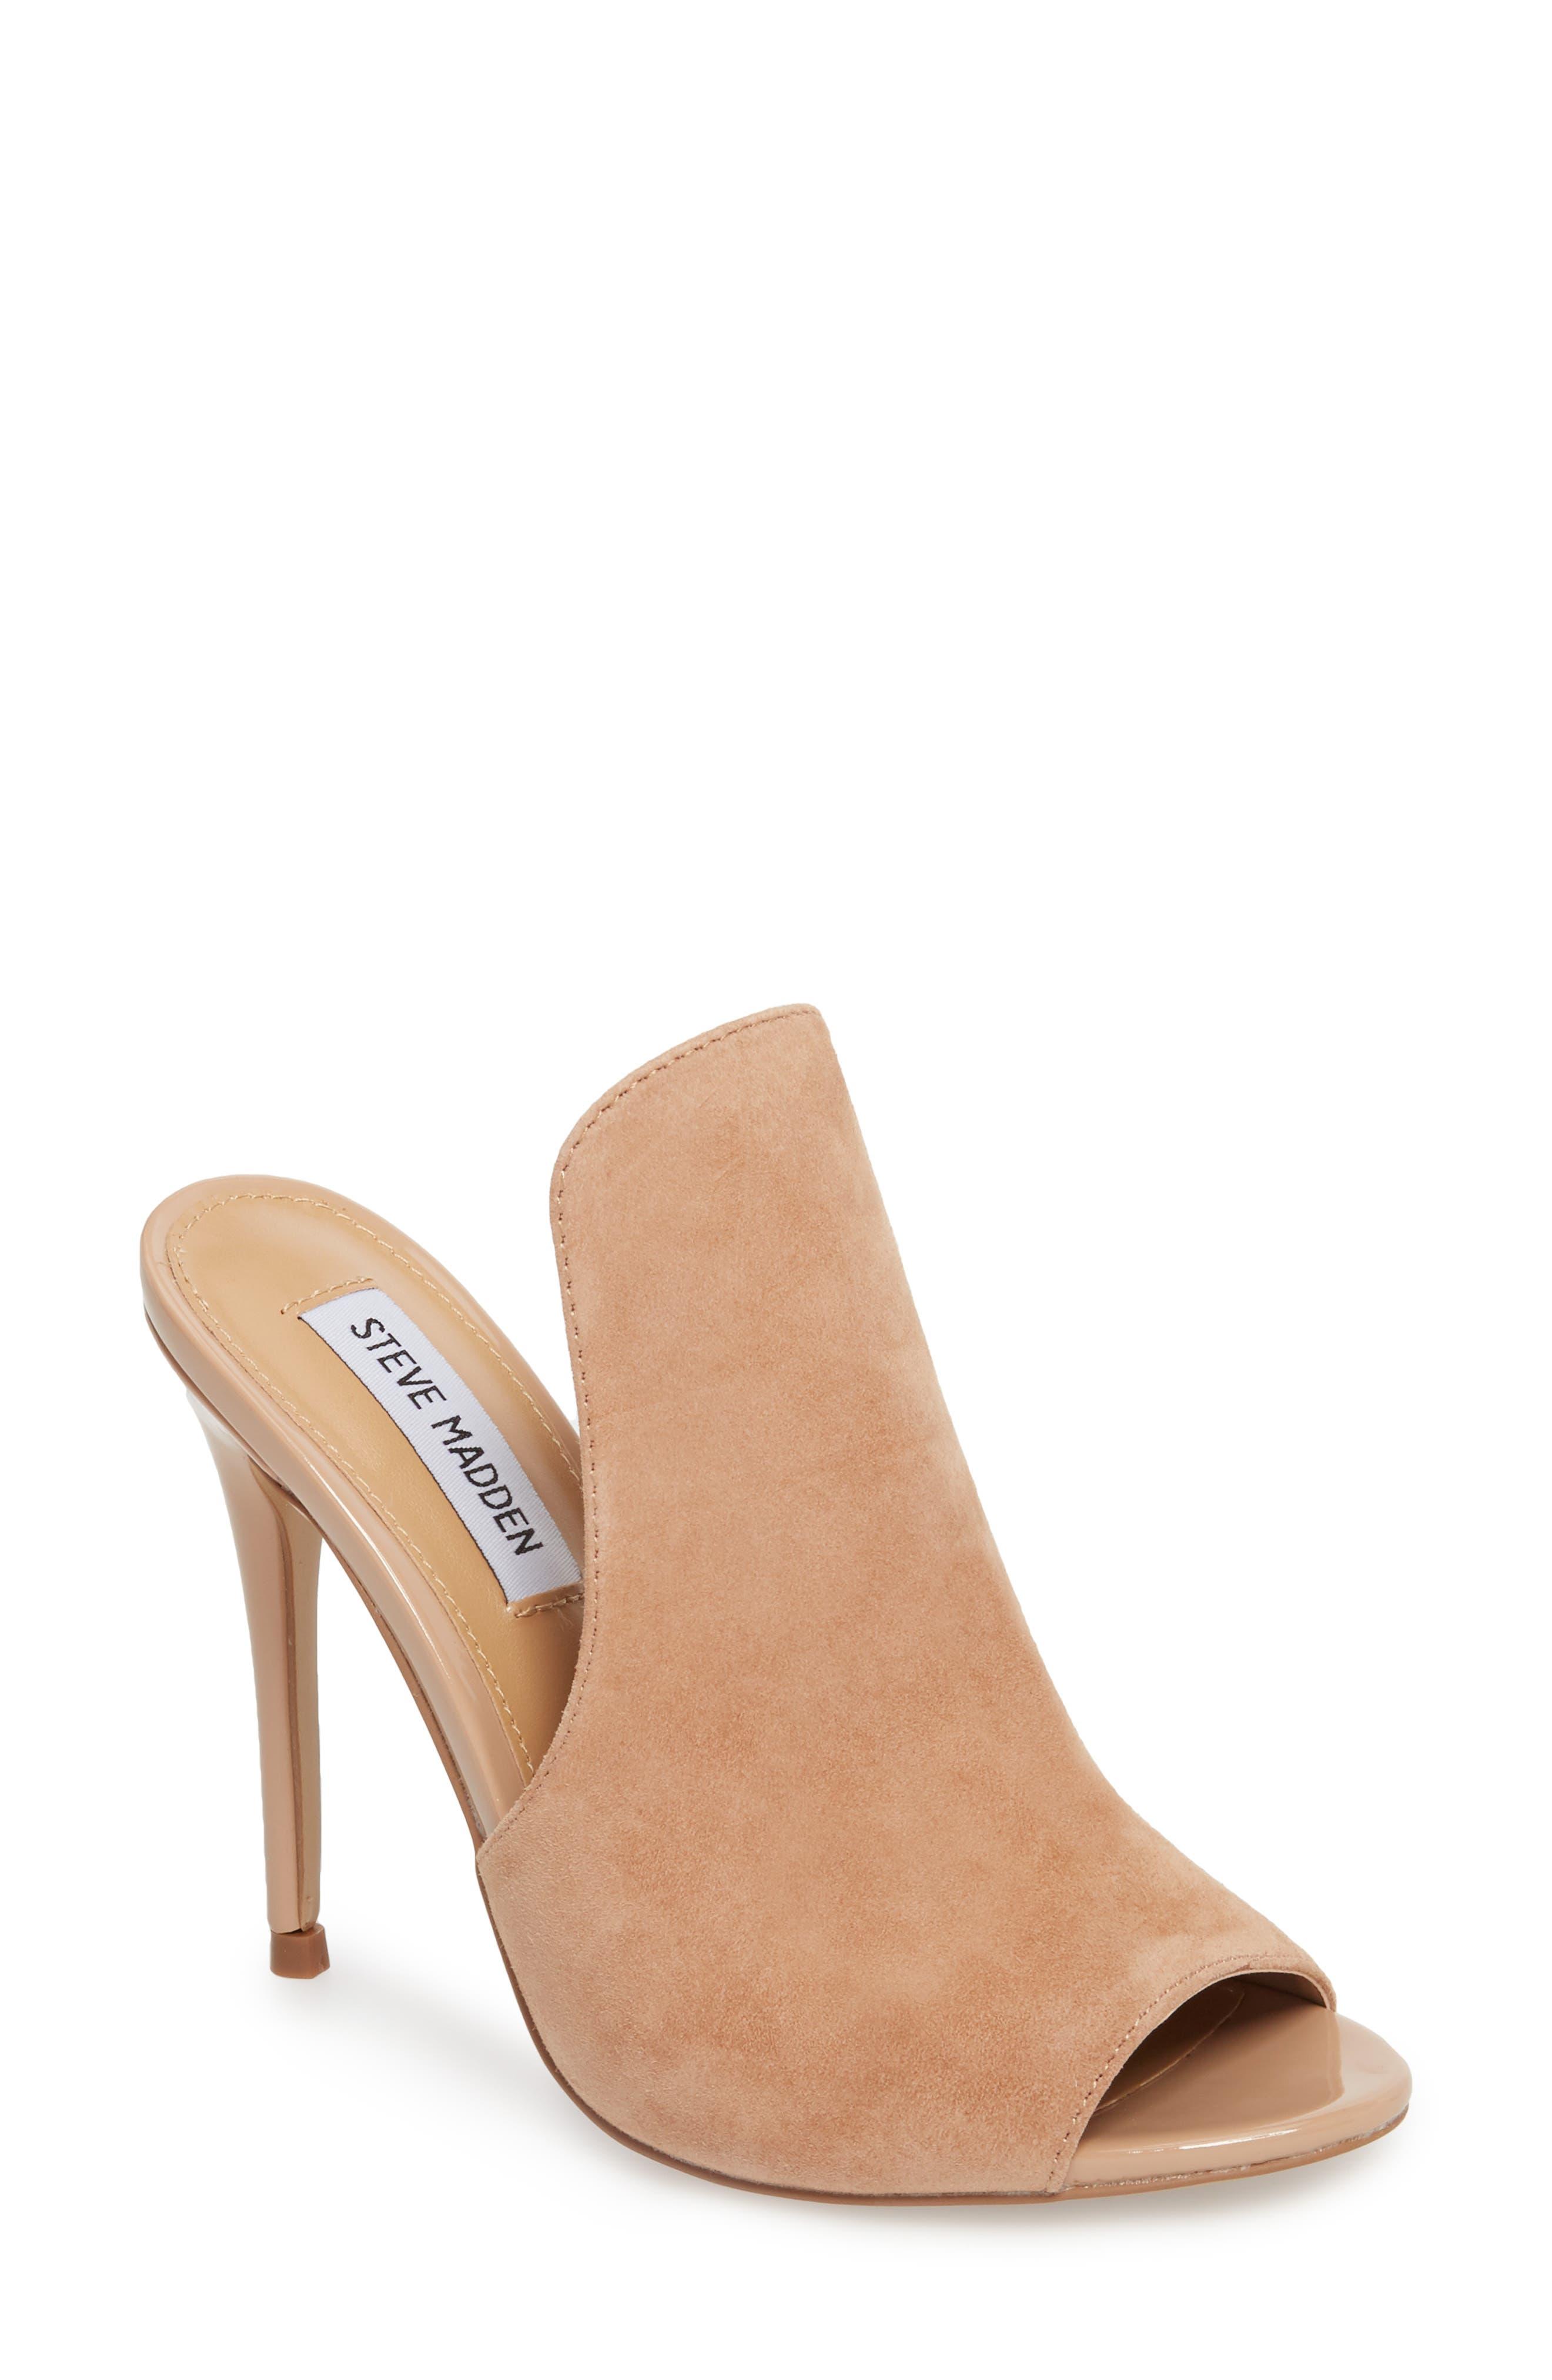 BIANCO Pointy Toe Sandals Women orange 0ZB4Fjzc